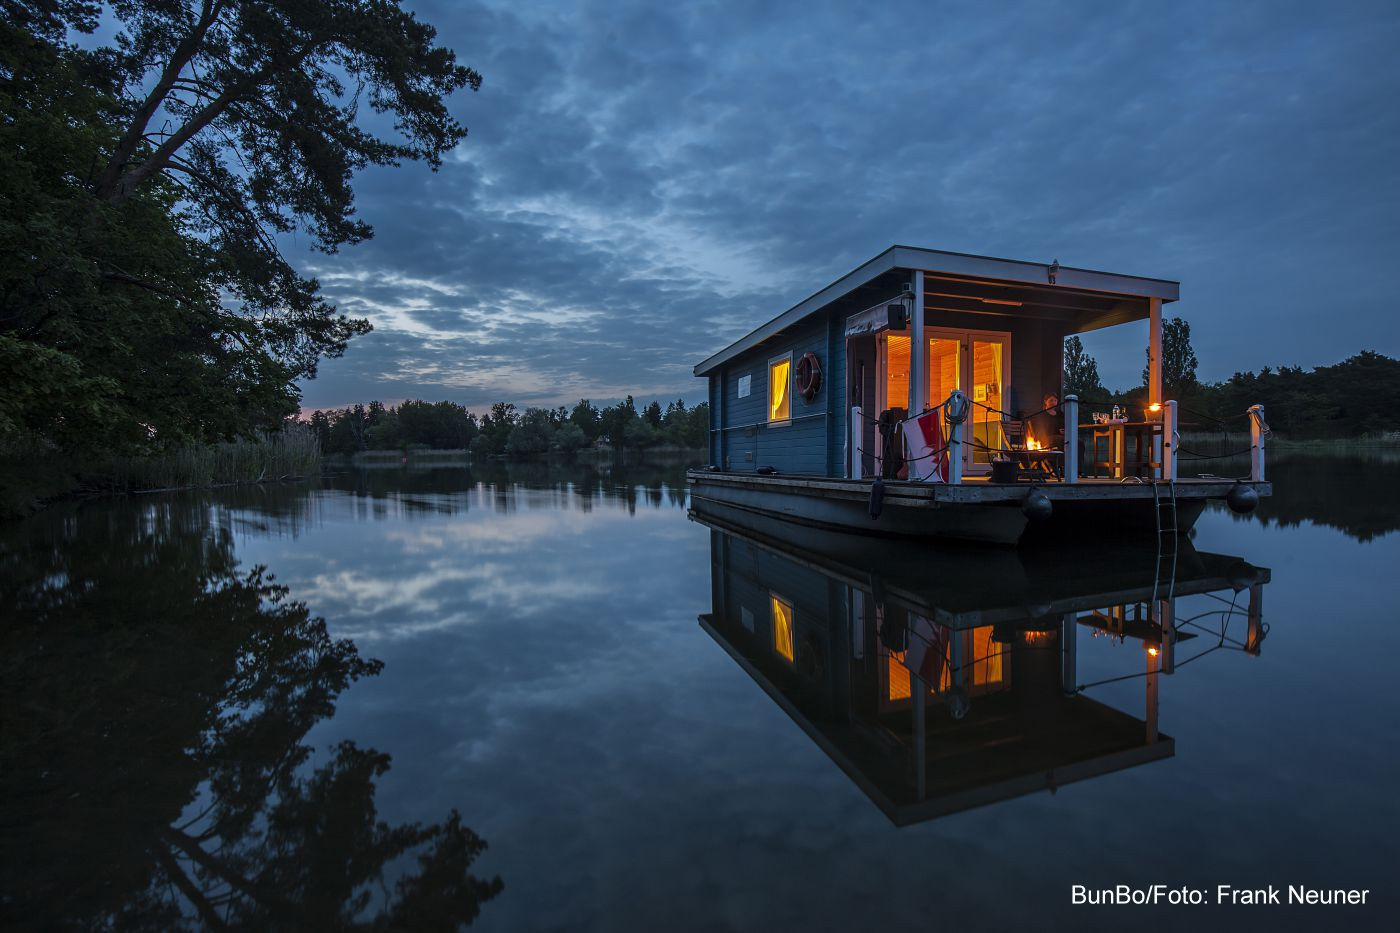 bunboland Brandenburg BunBo Havel Urlaub Hausboot